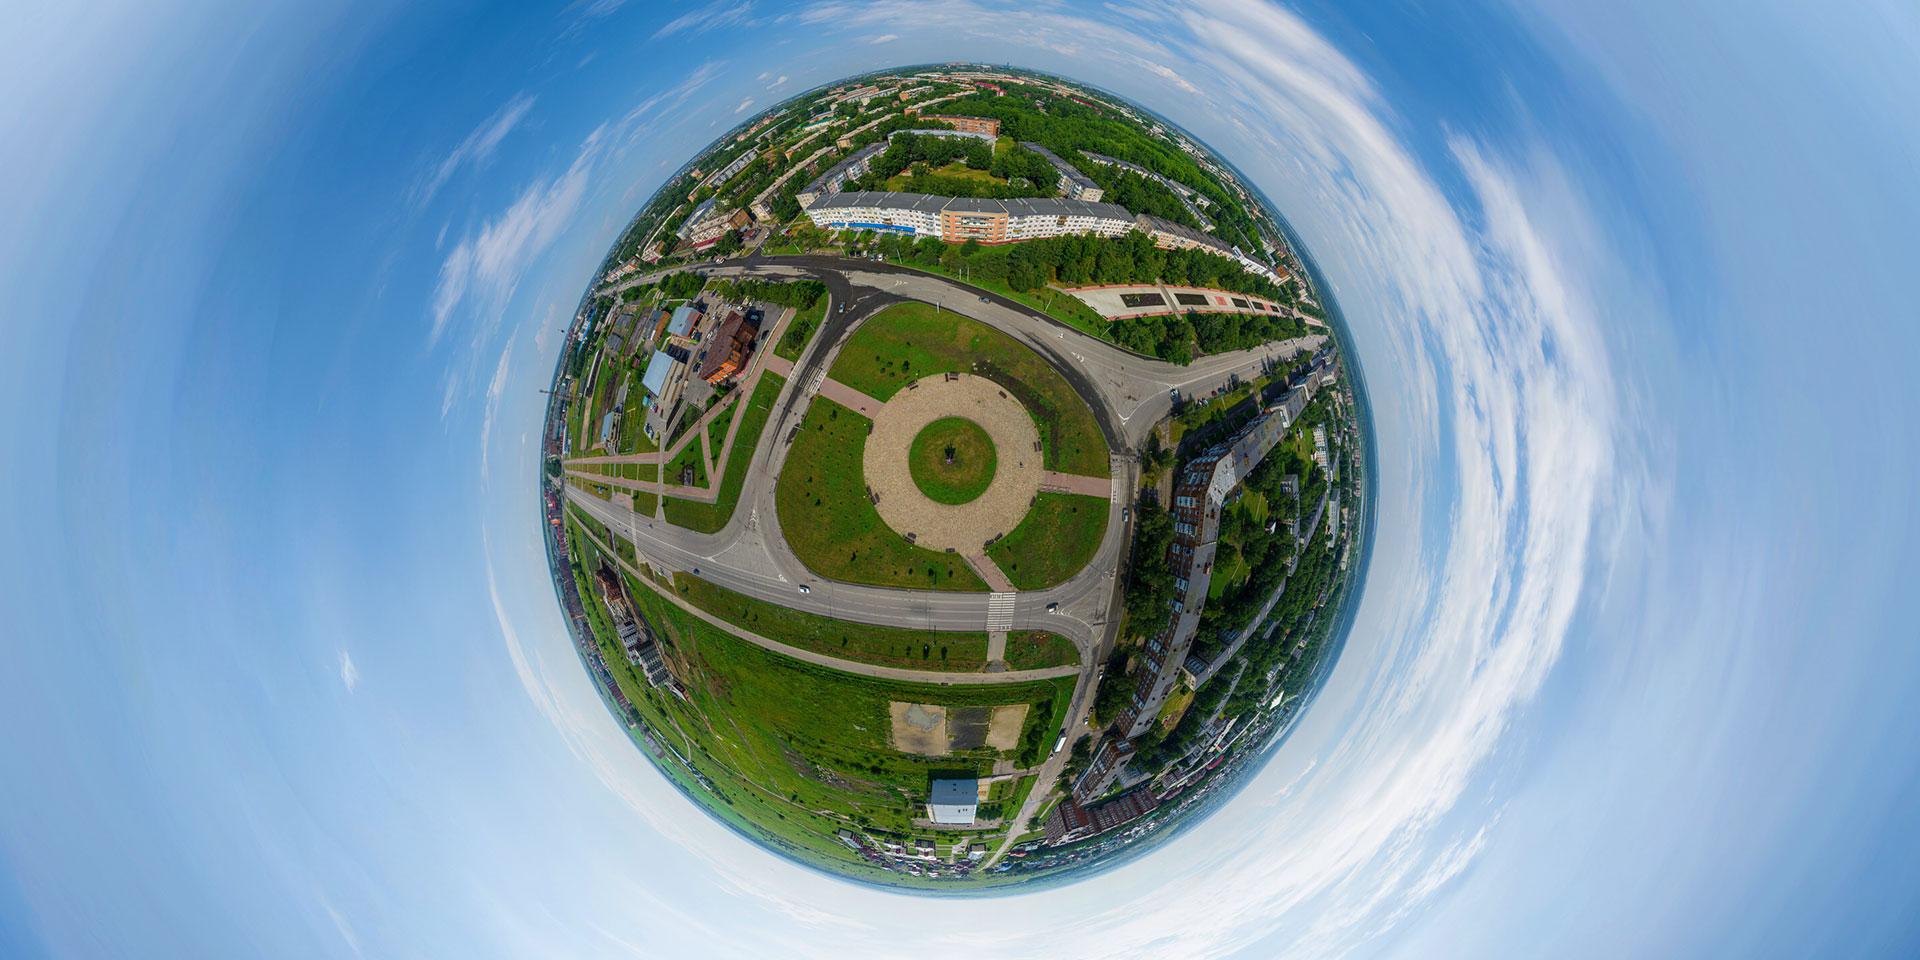 360° виртуальный тур из пяти 3D панорам над городом Юрга (Кемеровская область)